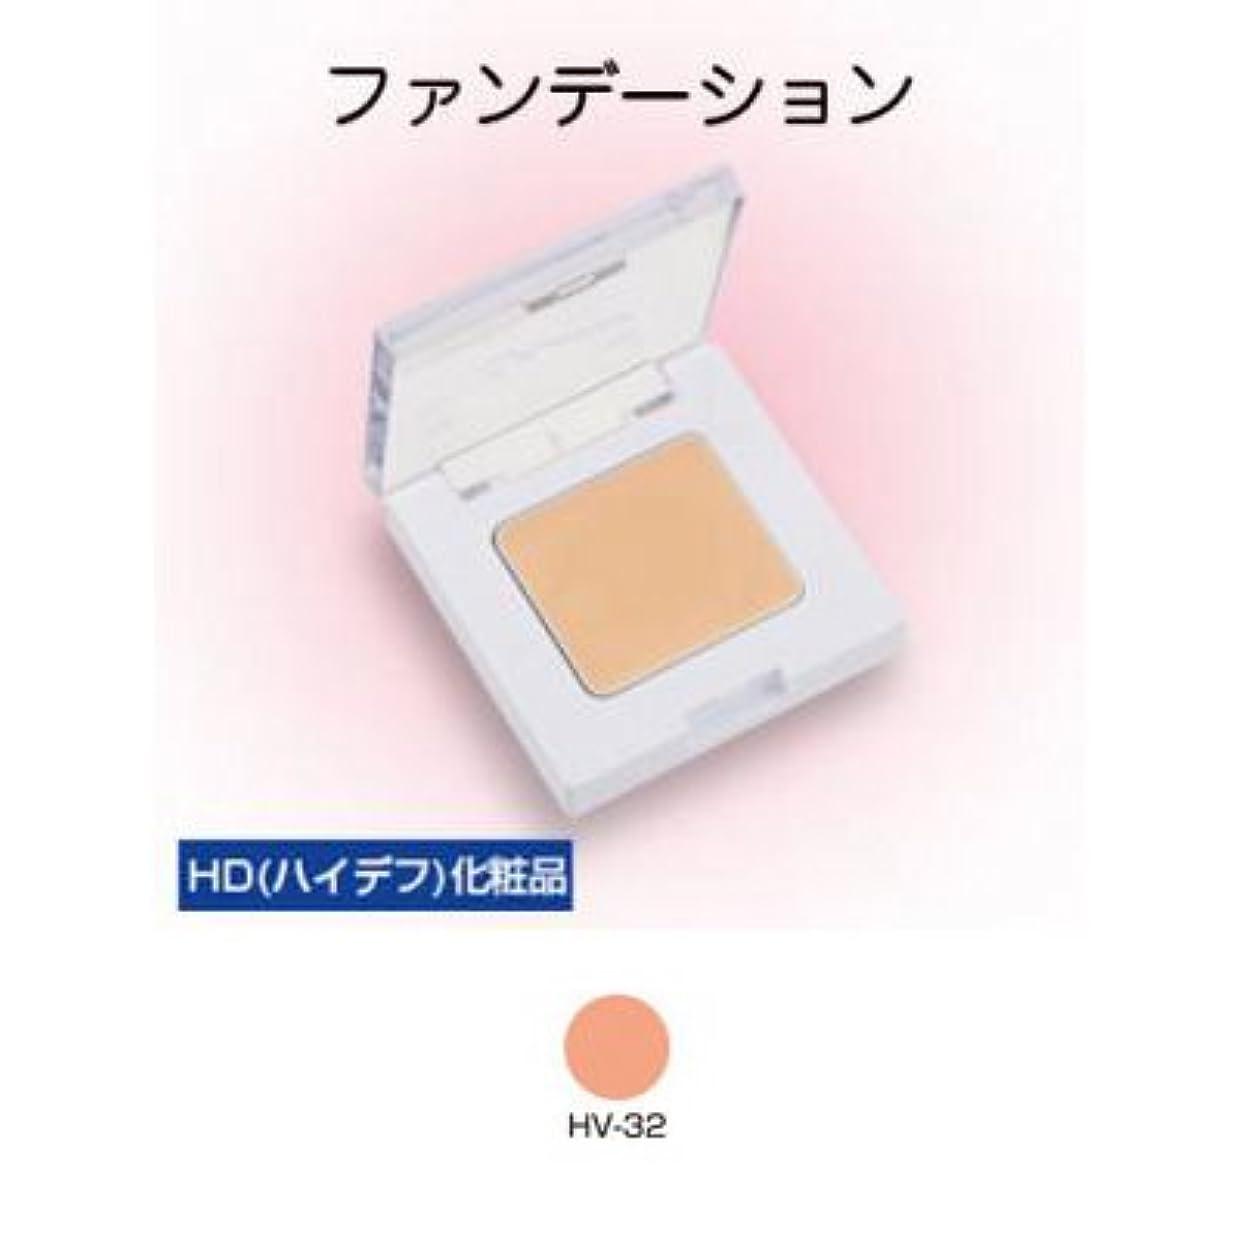 正しく使用法アカウントシャレナ カバーファンデーション ミニ HV-32 【三善】